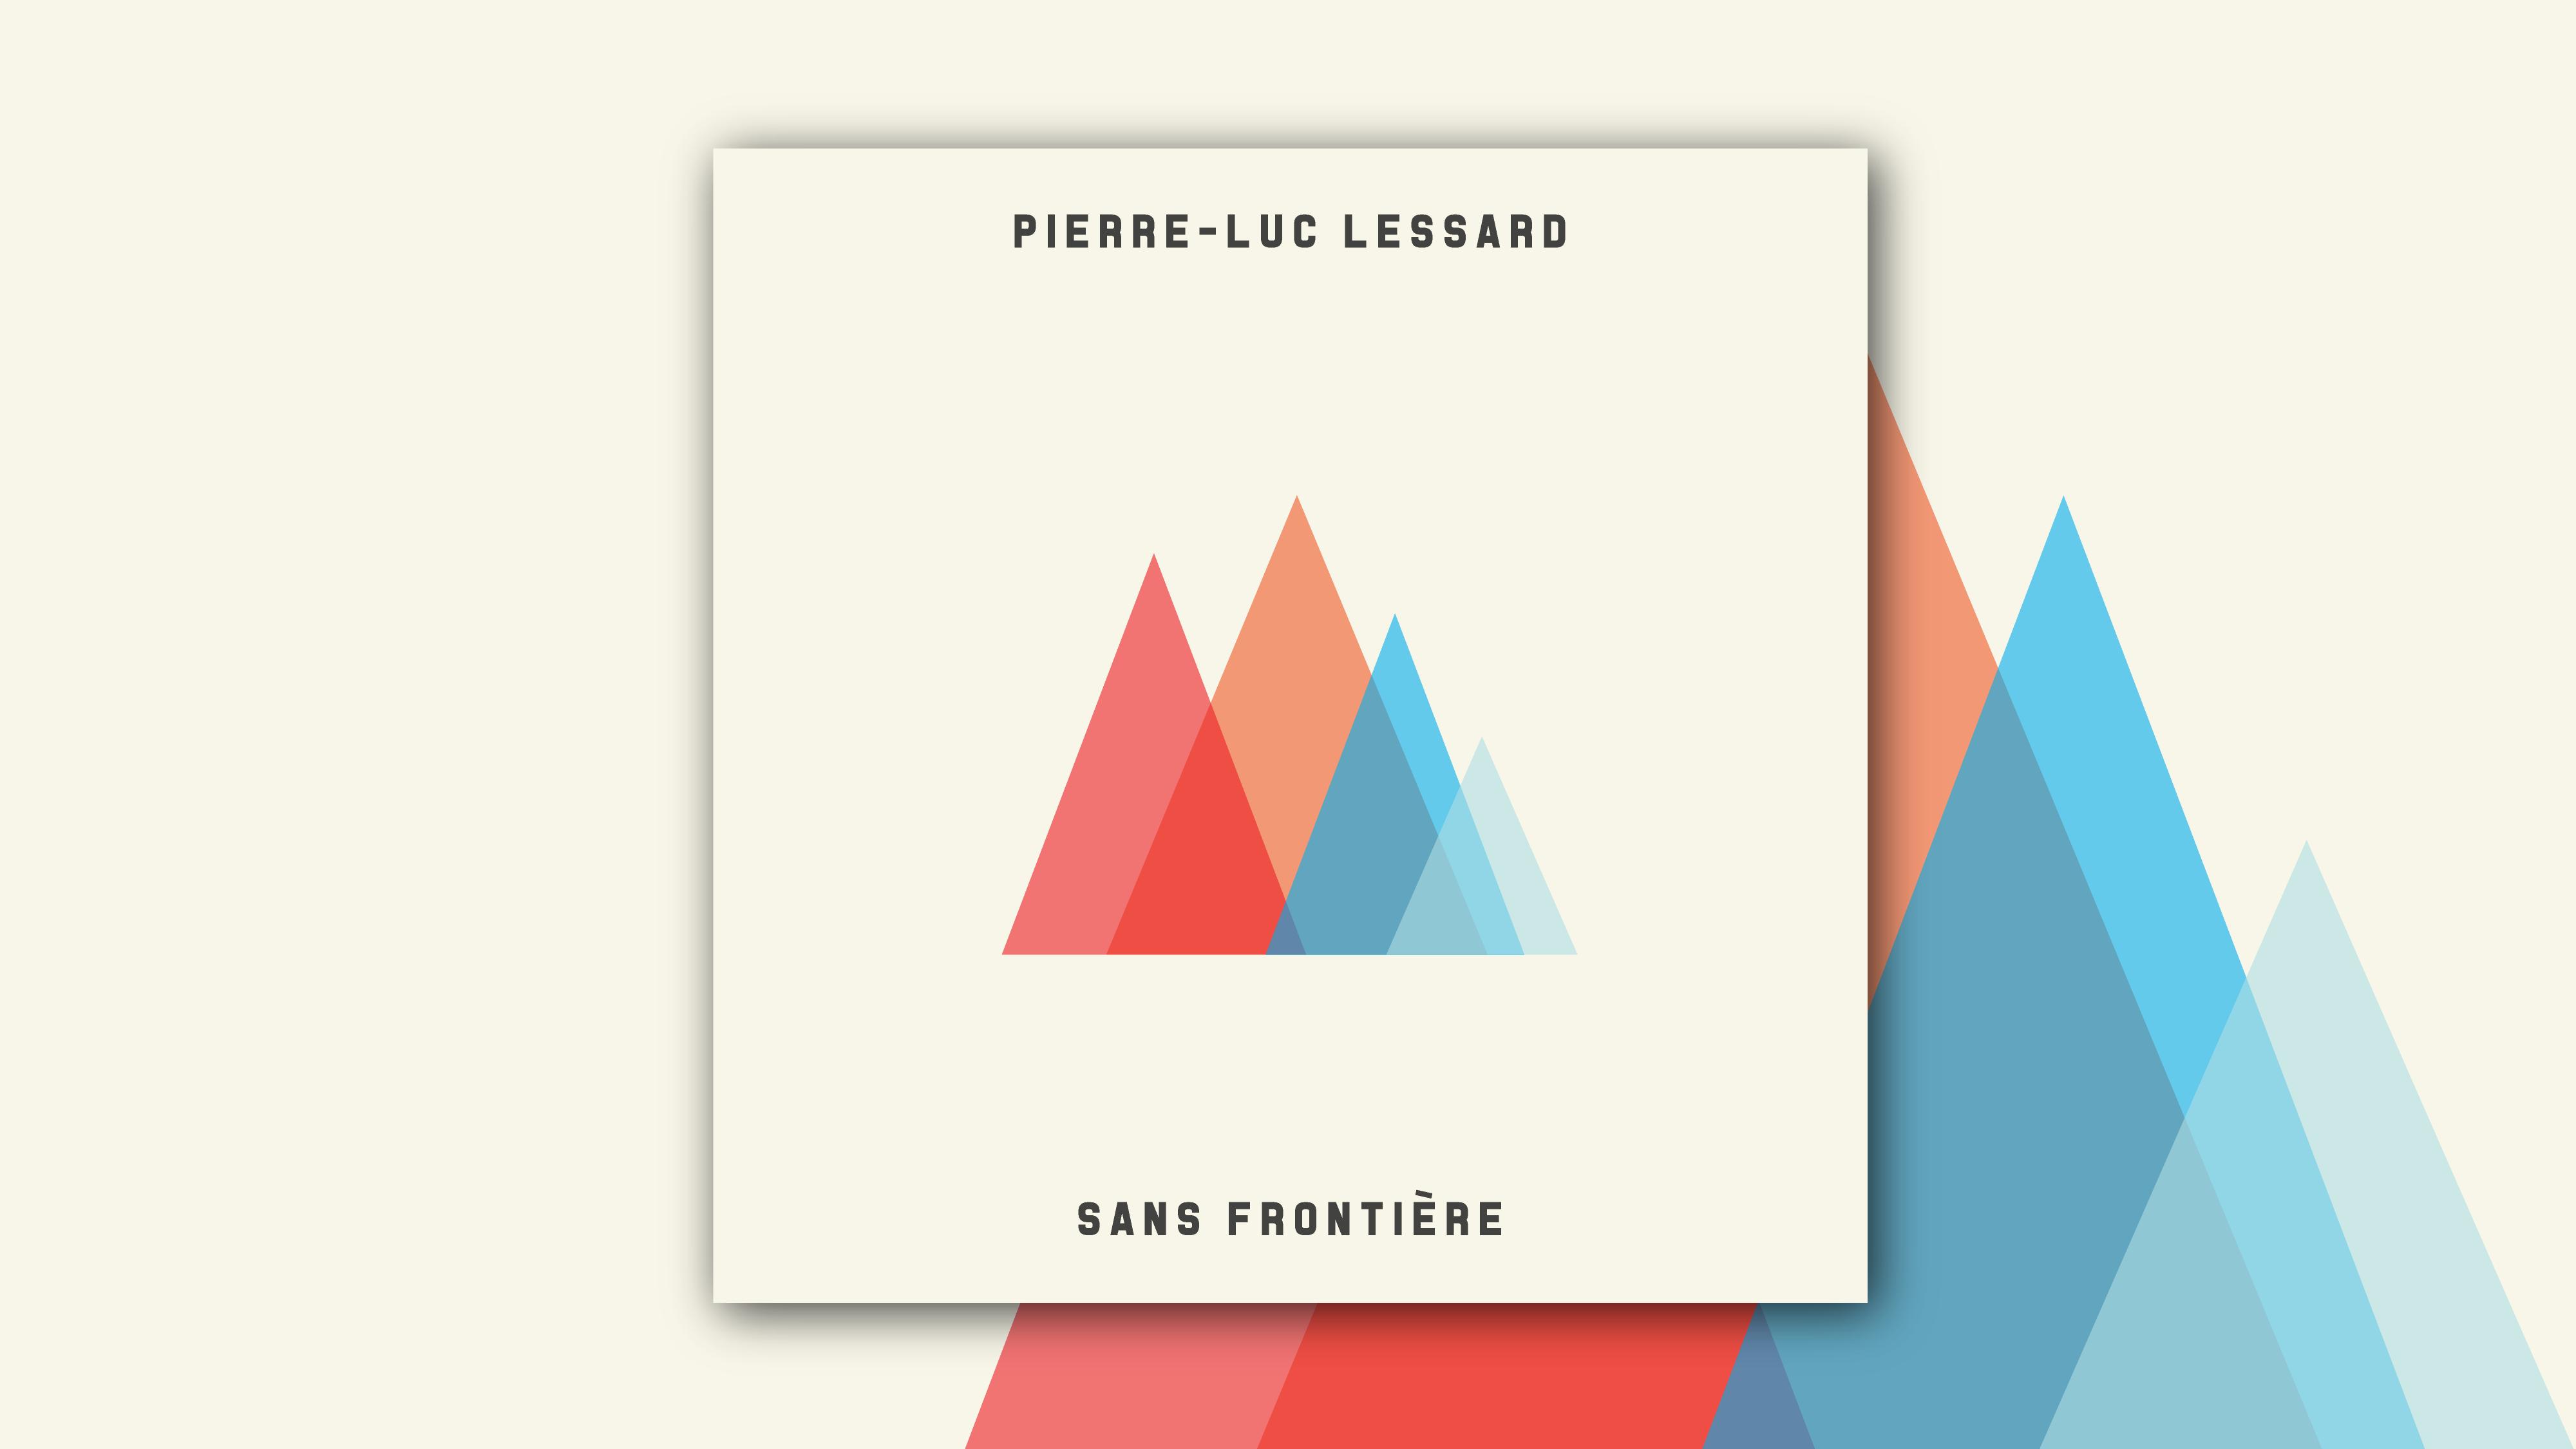 Pierre-Luc Lessard - Sans frontière